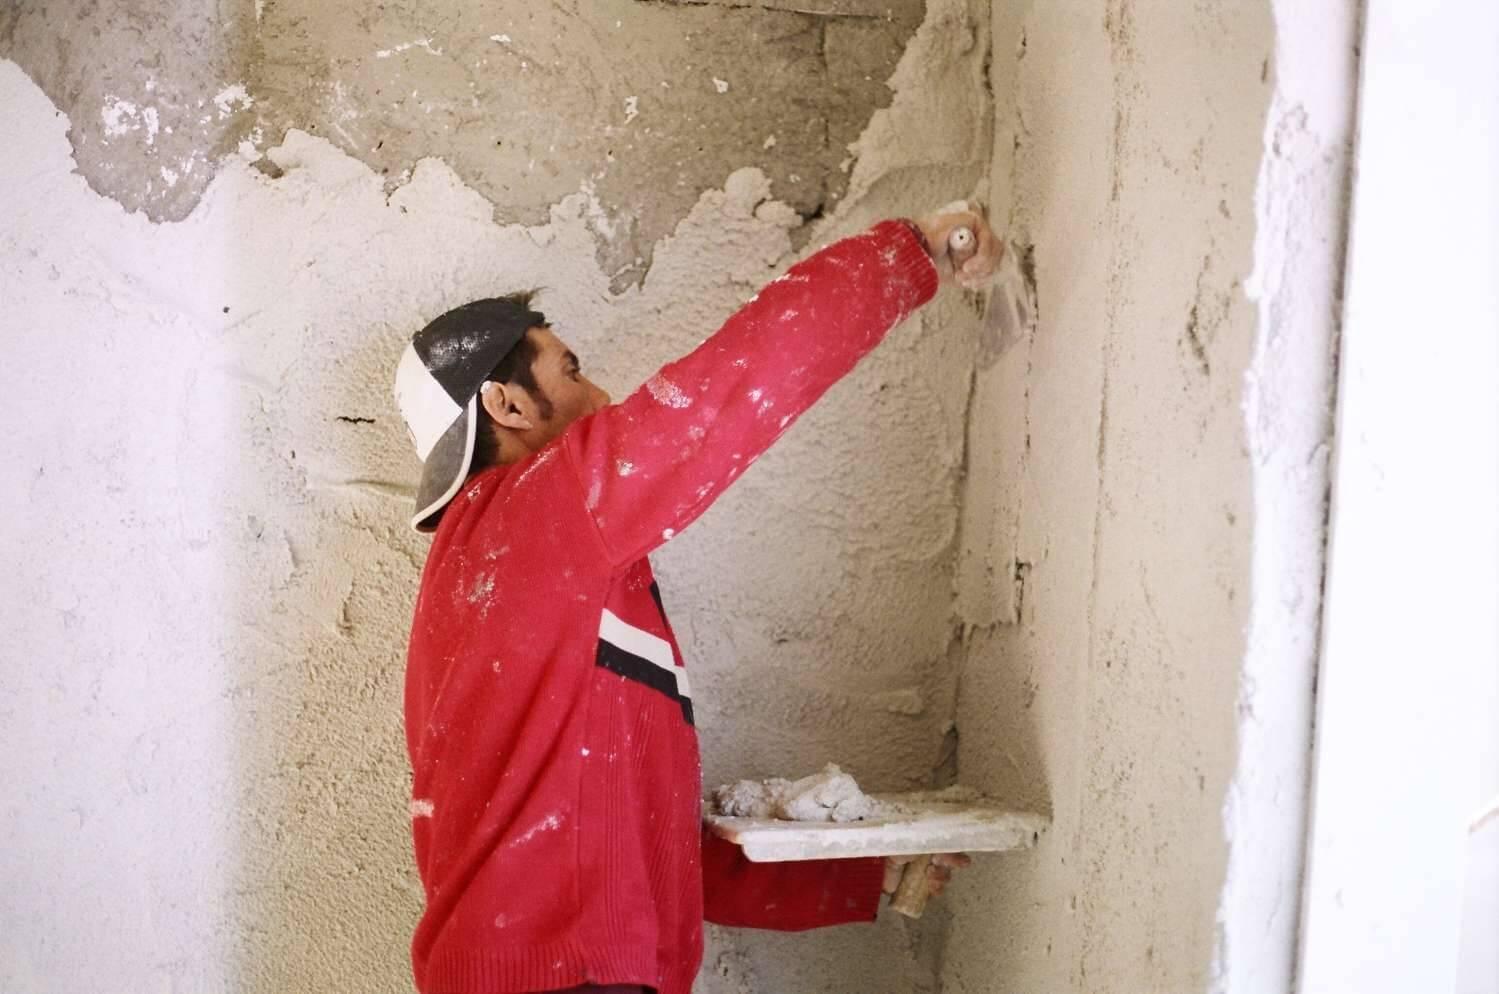 Материалы для утепления стен внутри дома минвата теплые обои штукатурка обмазочная краска и теплоизоляция изнутри гипсокартоном